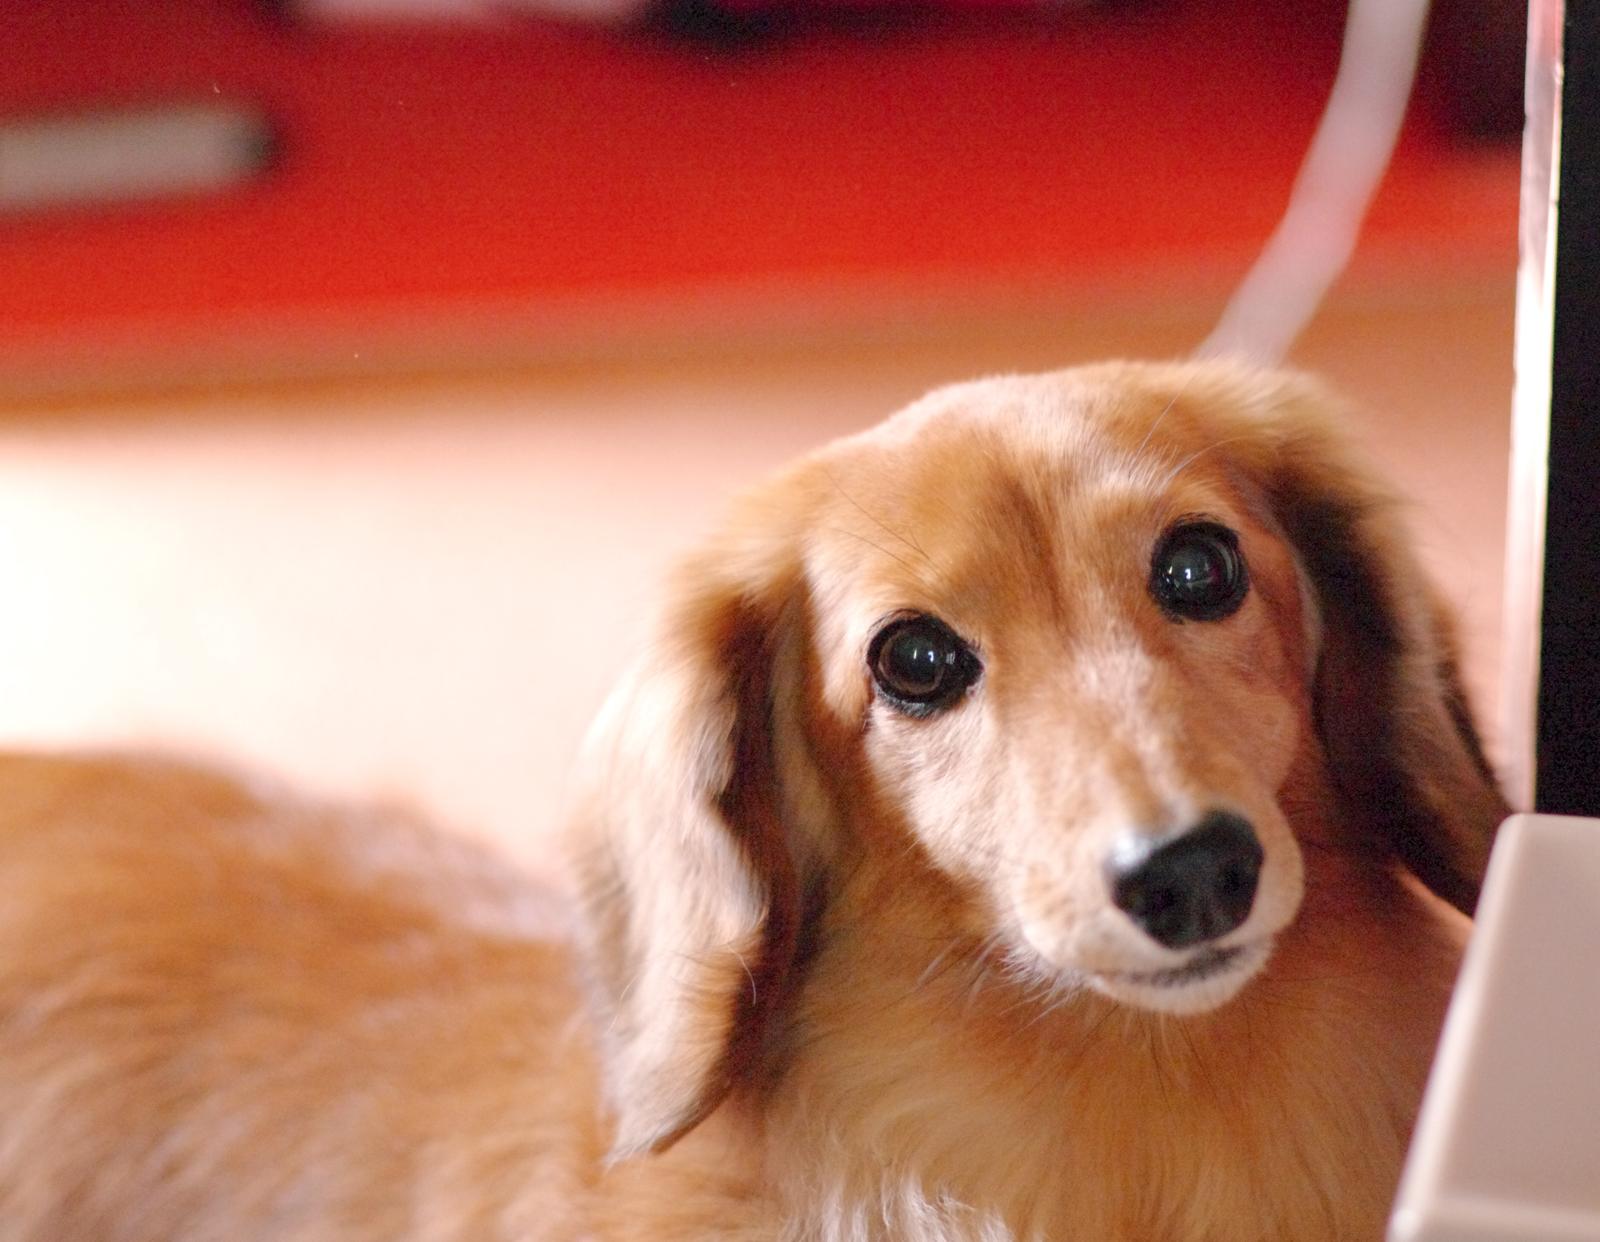 【夢占い】犬の夢・犬小屋の夢が象徴するものや意味とは?